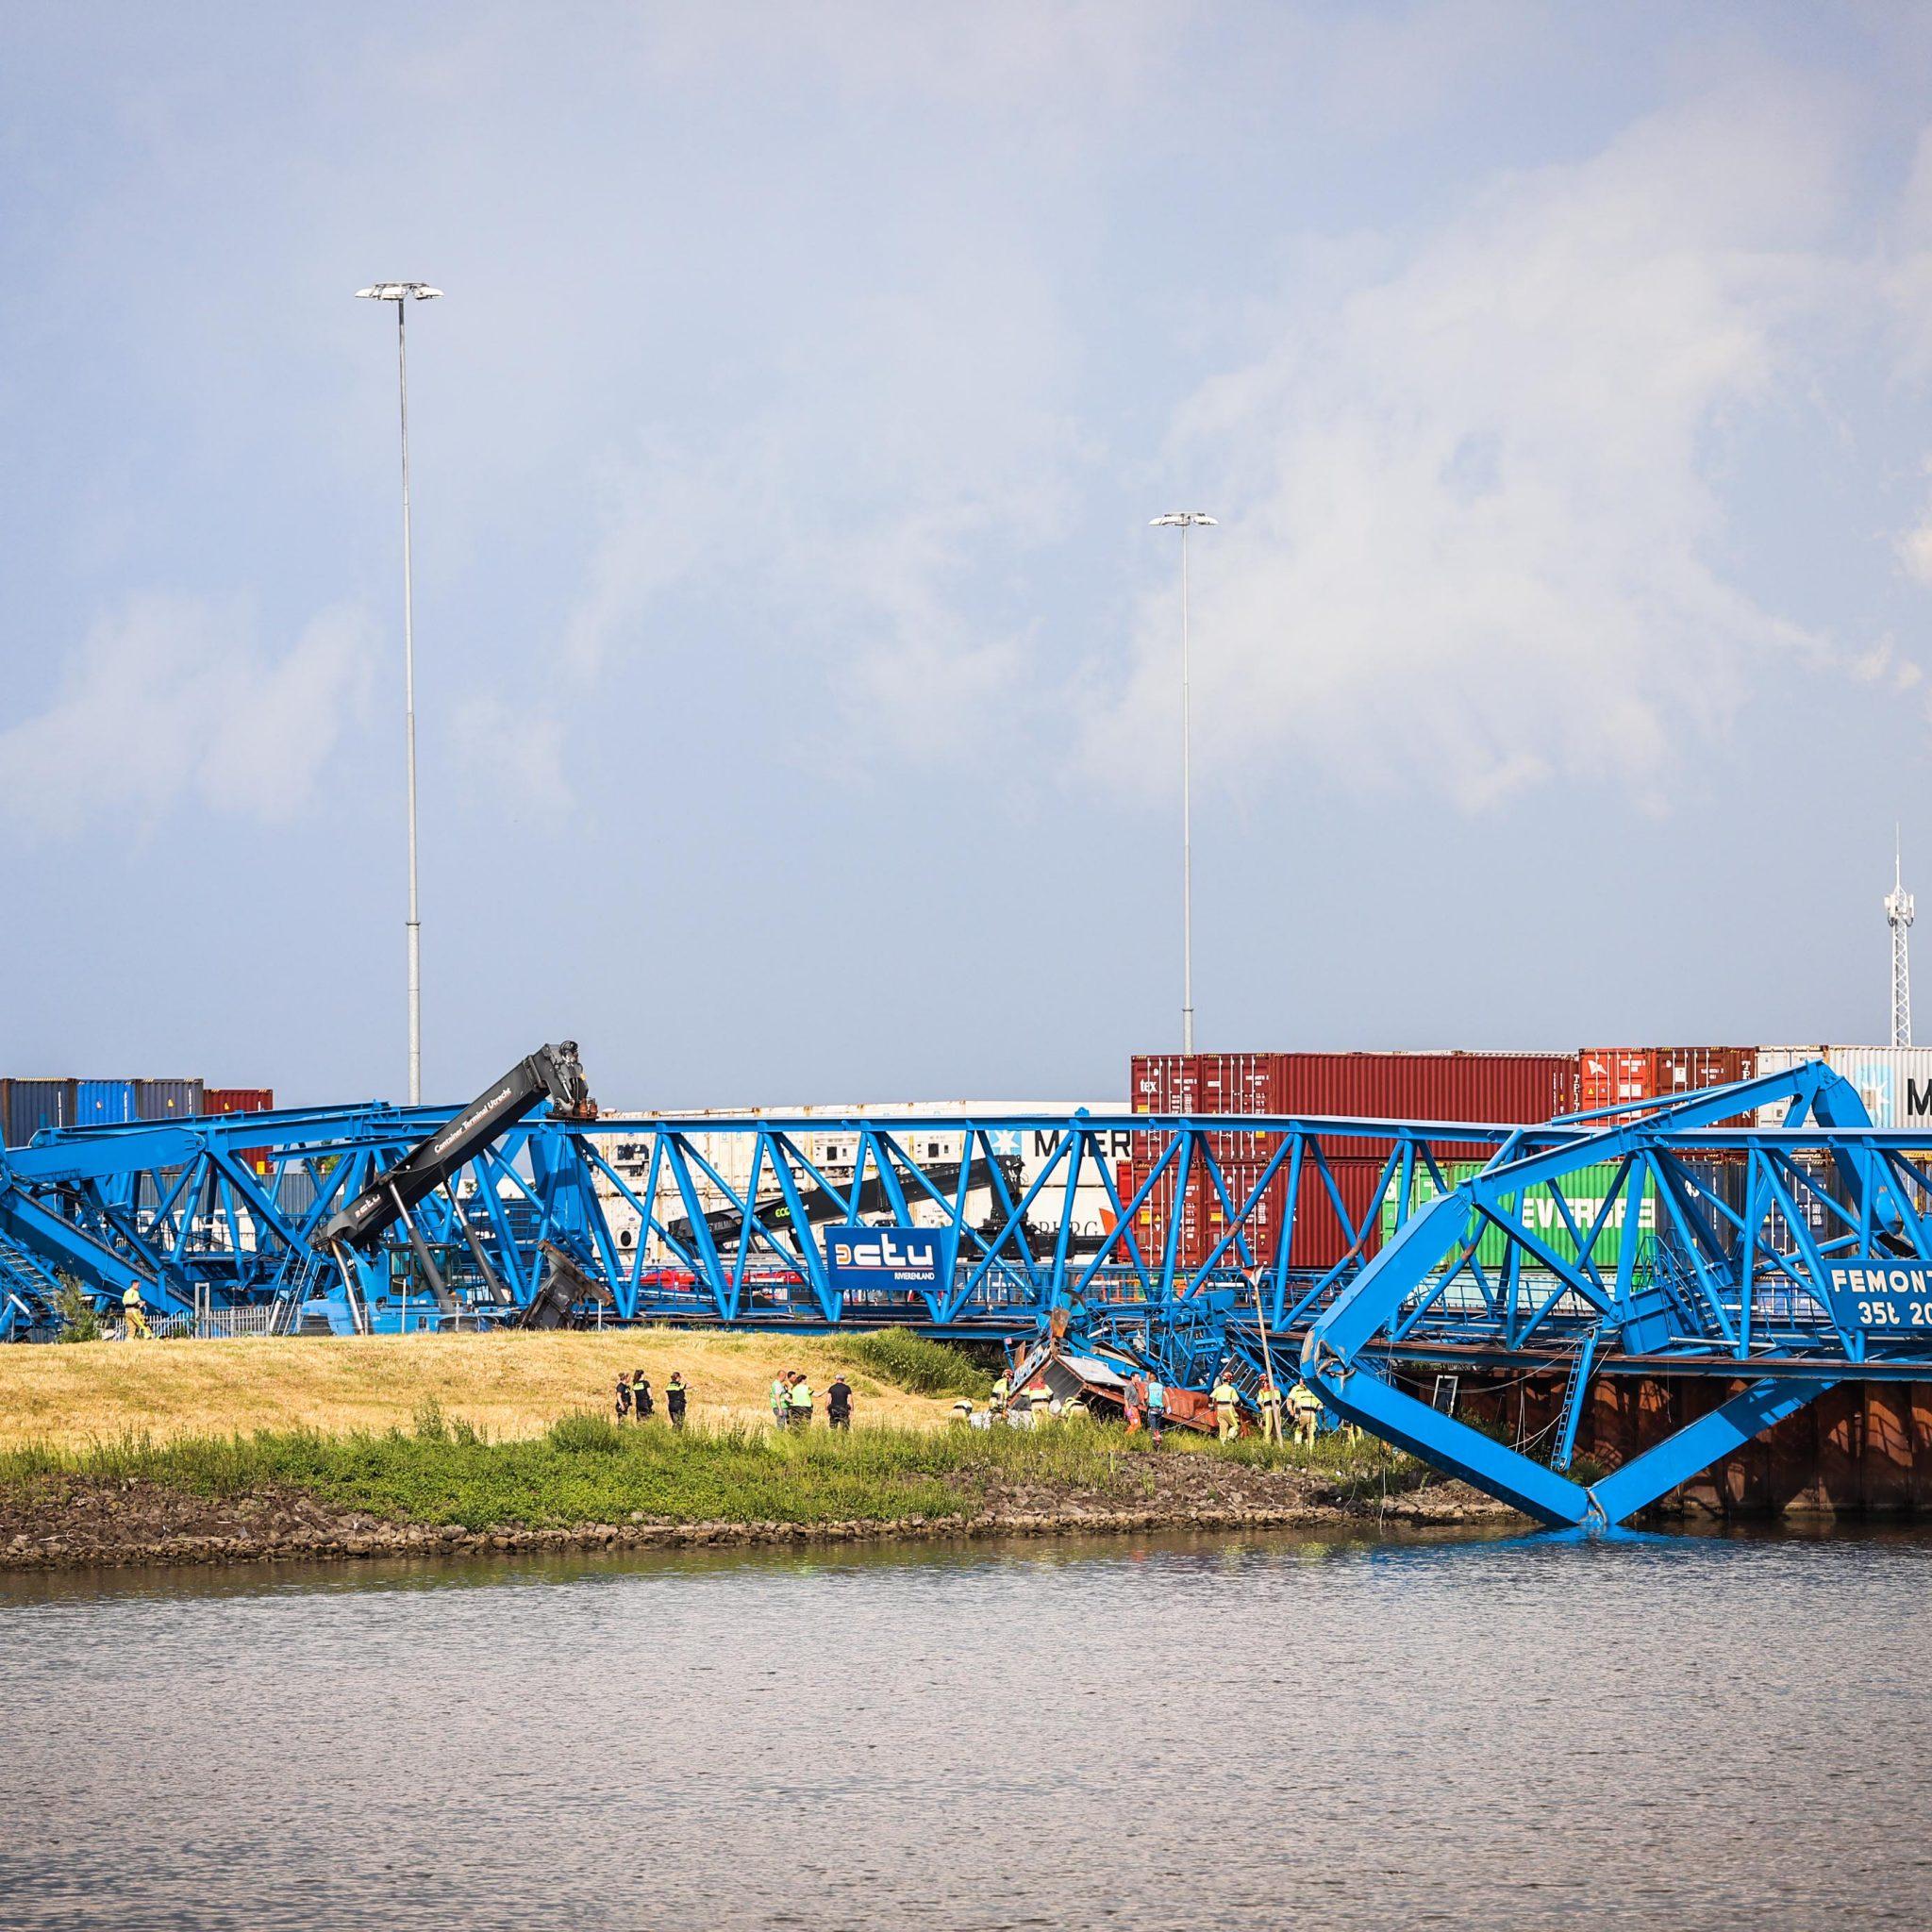 De portaalkraan van CTU Rivierenland heeft de storm niet overleefd (Foto ANP / Persbureau Heitink)